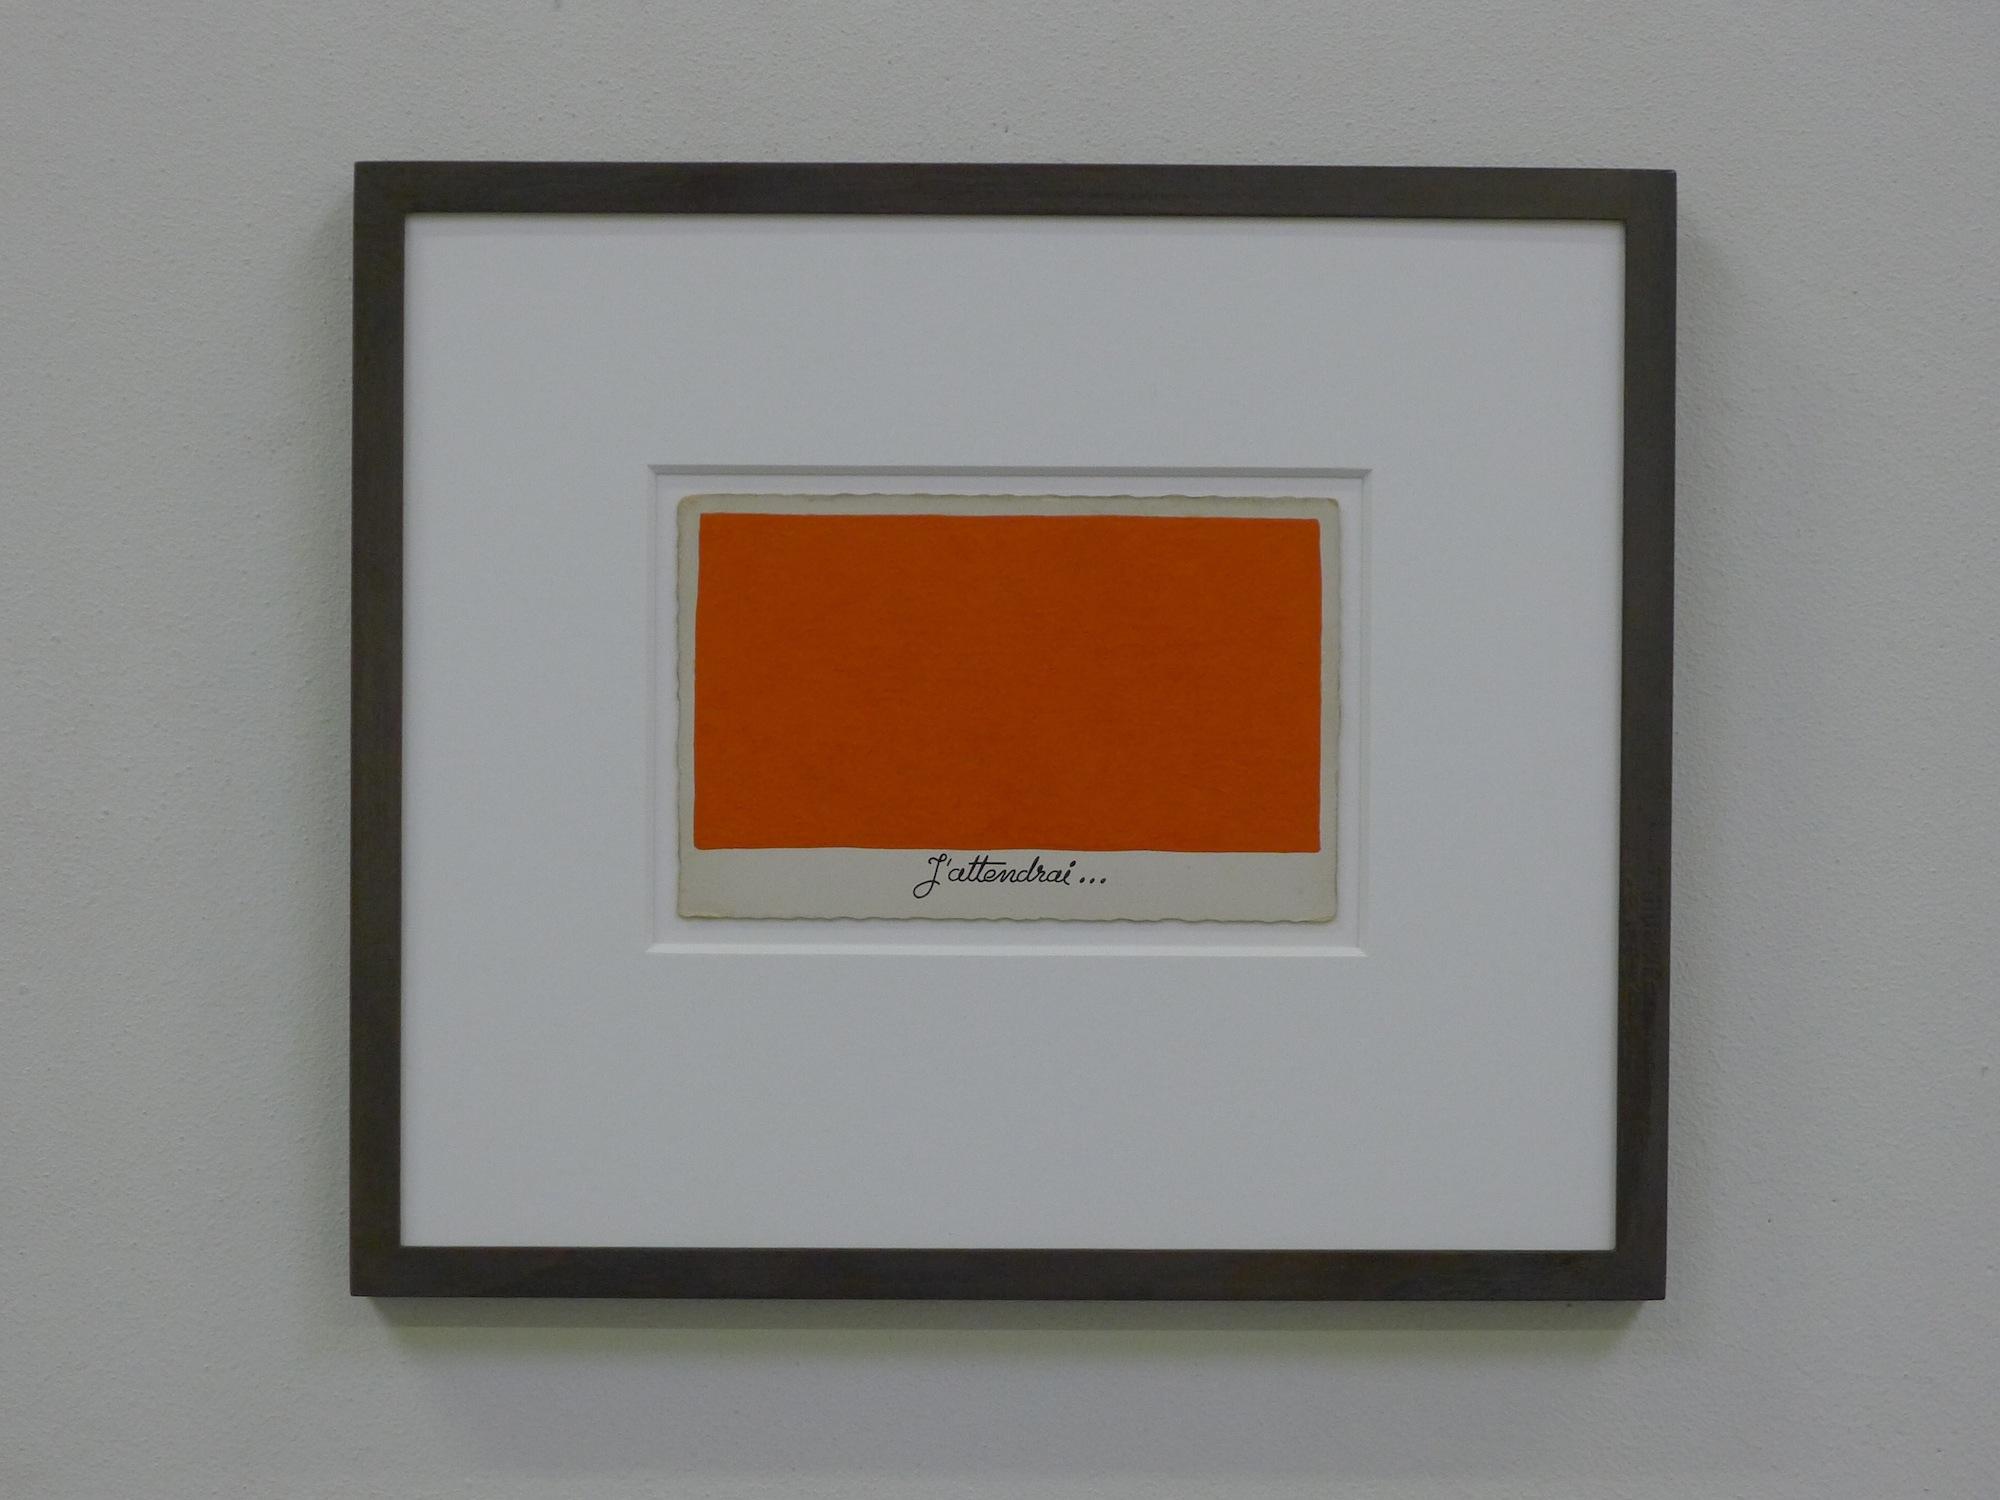 Pieter Laurens Mol, J'attendrai, 1984, peinture à plomb sur photo noir & blanc, 24 x 28 cm, courtesy Farideh Cadot & the artist de la galerie Farideh Cadot et de l'artiste